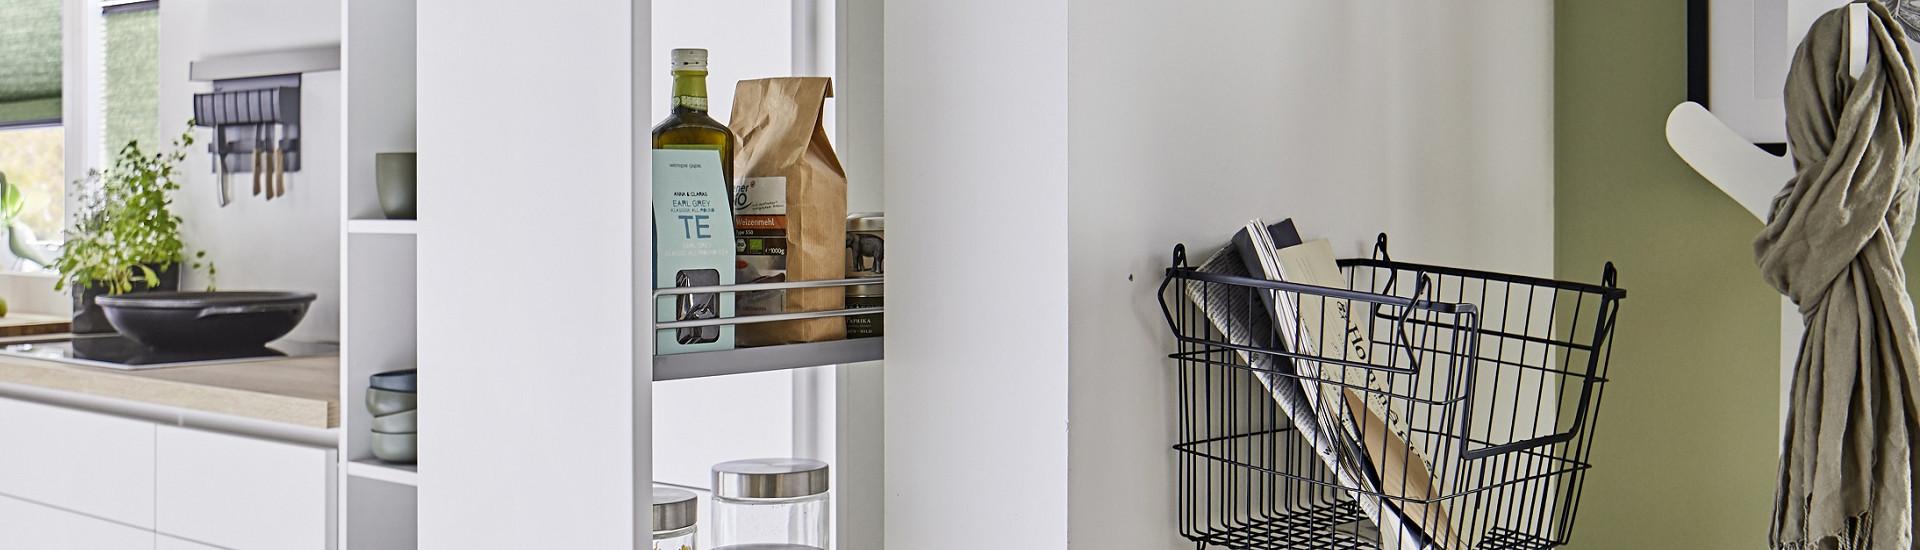 Cargo w małej kuchni Peka.jpg